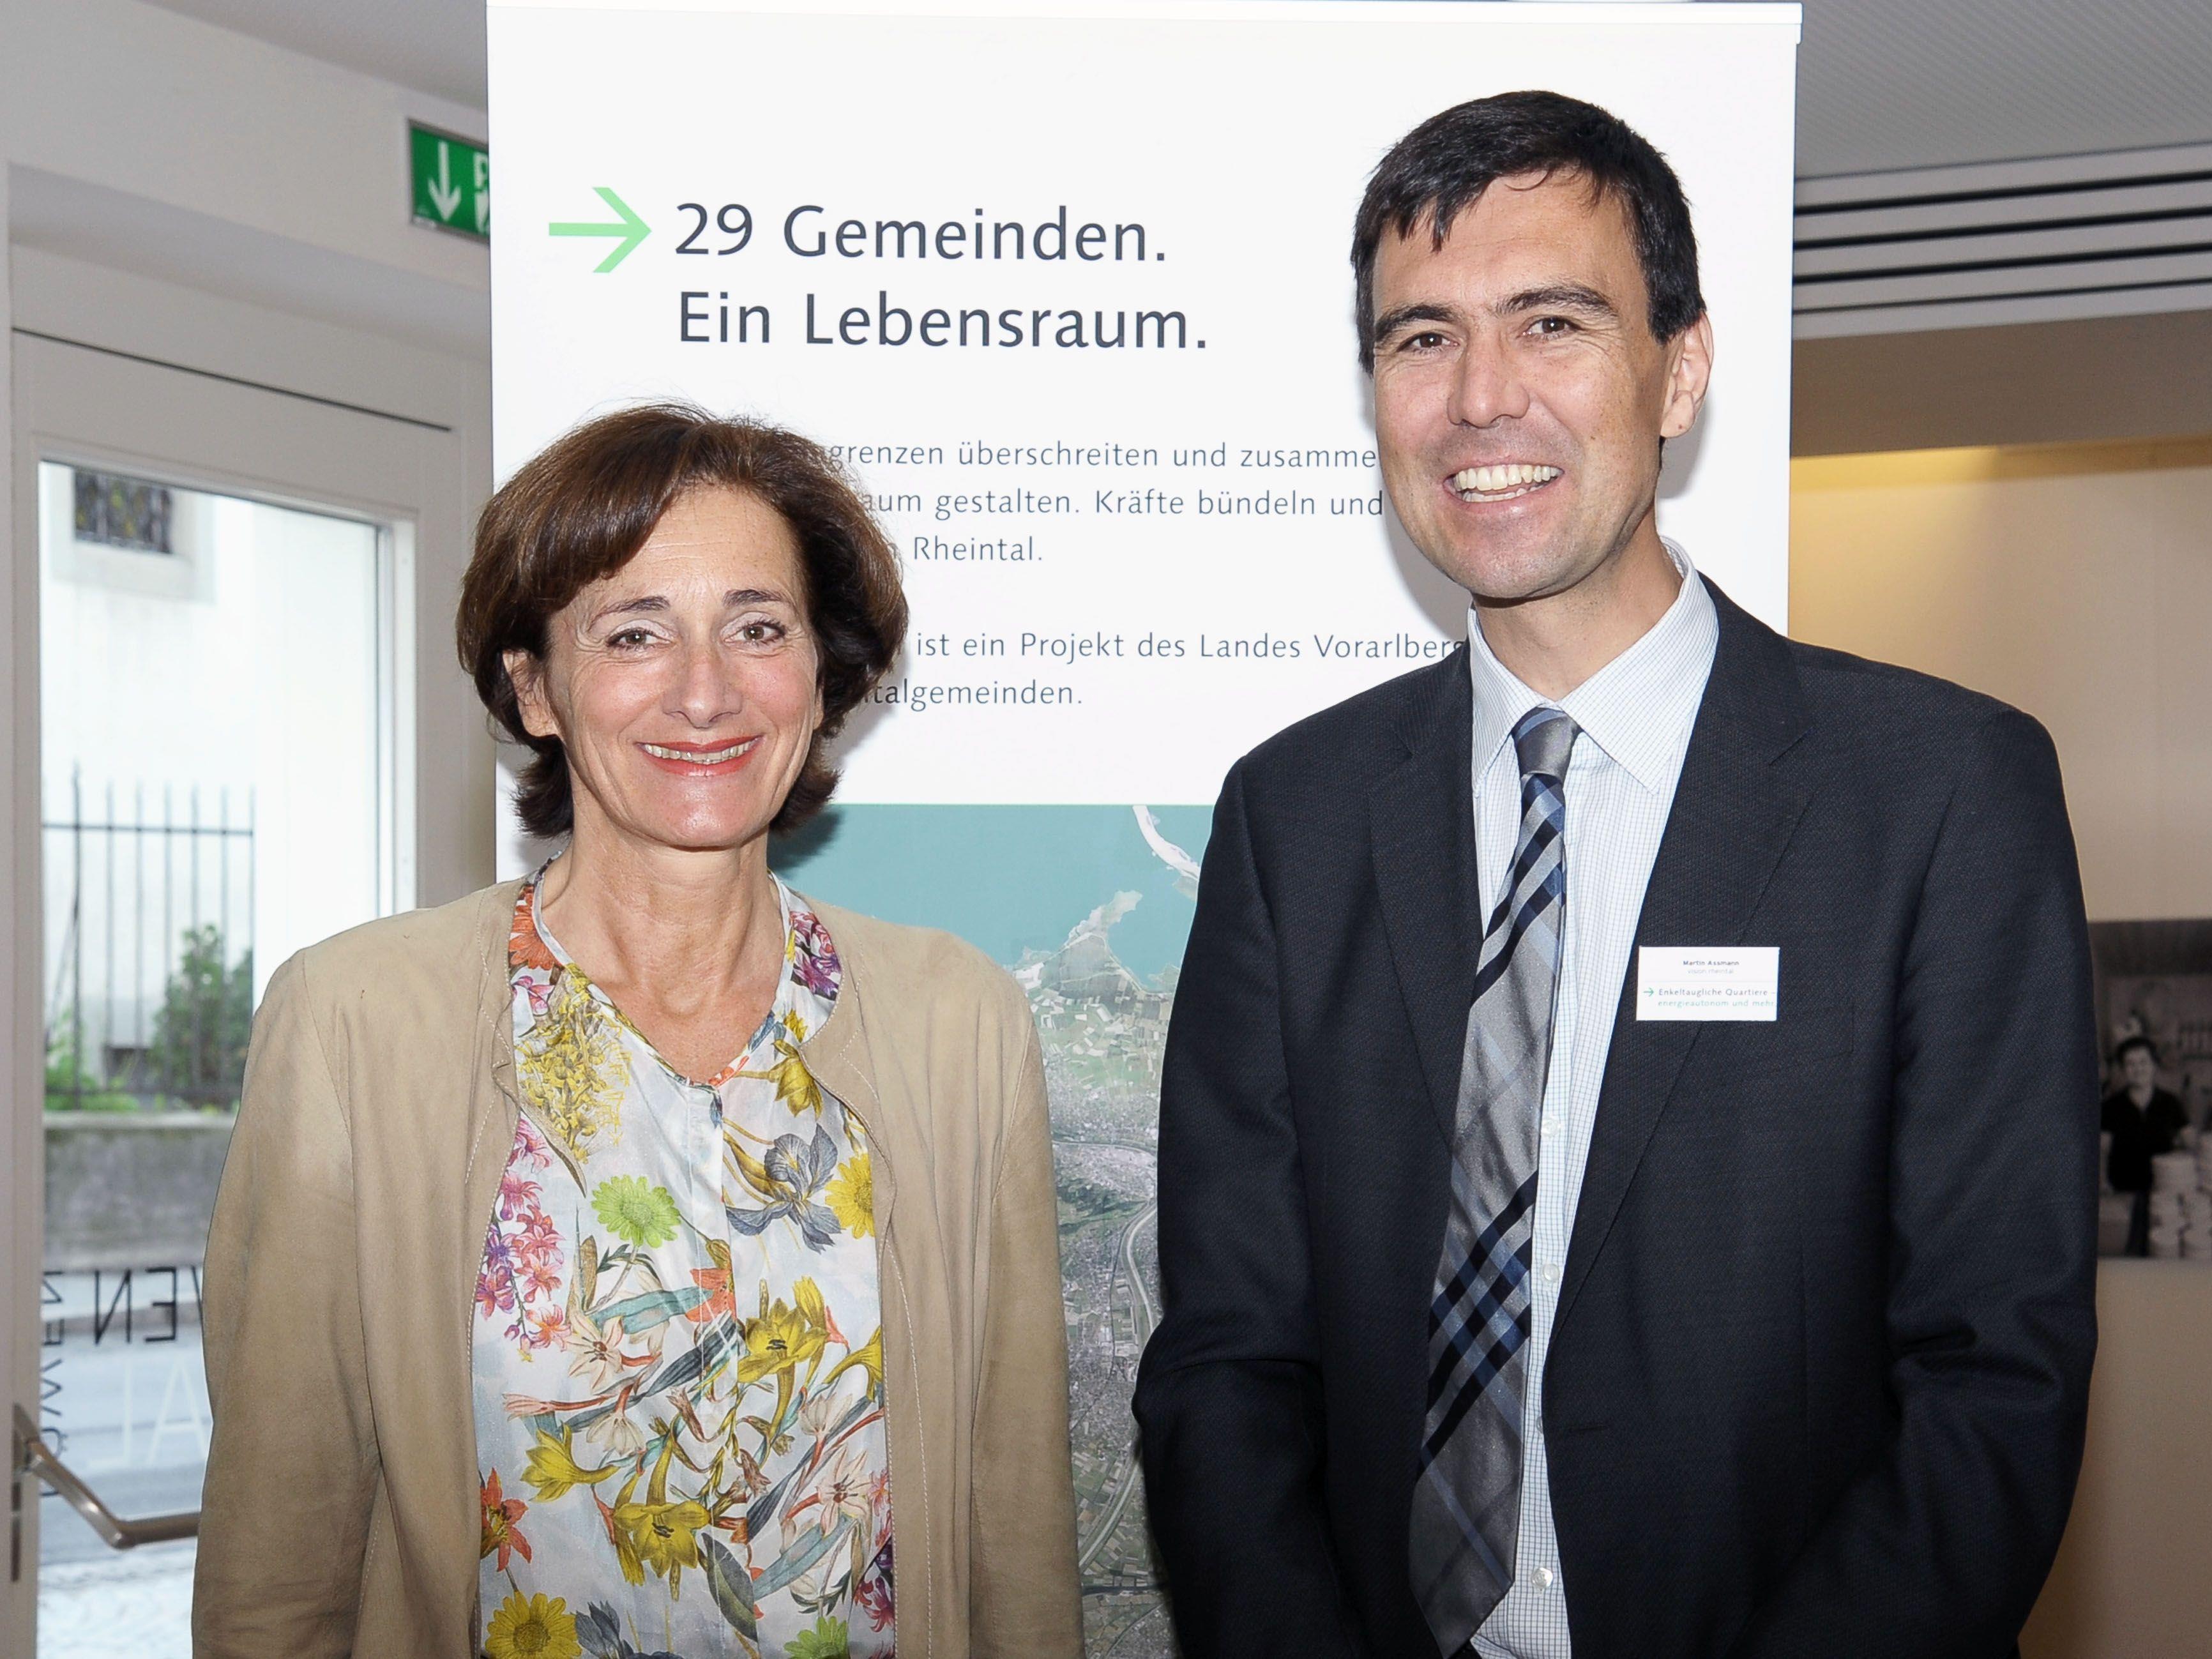 Landtagspräsidentin Dr. Bernadette Mennel mit Vision-Rheintal-Projektleiter Martin Assmann.